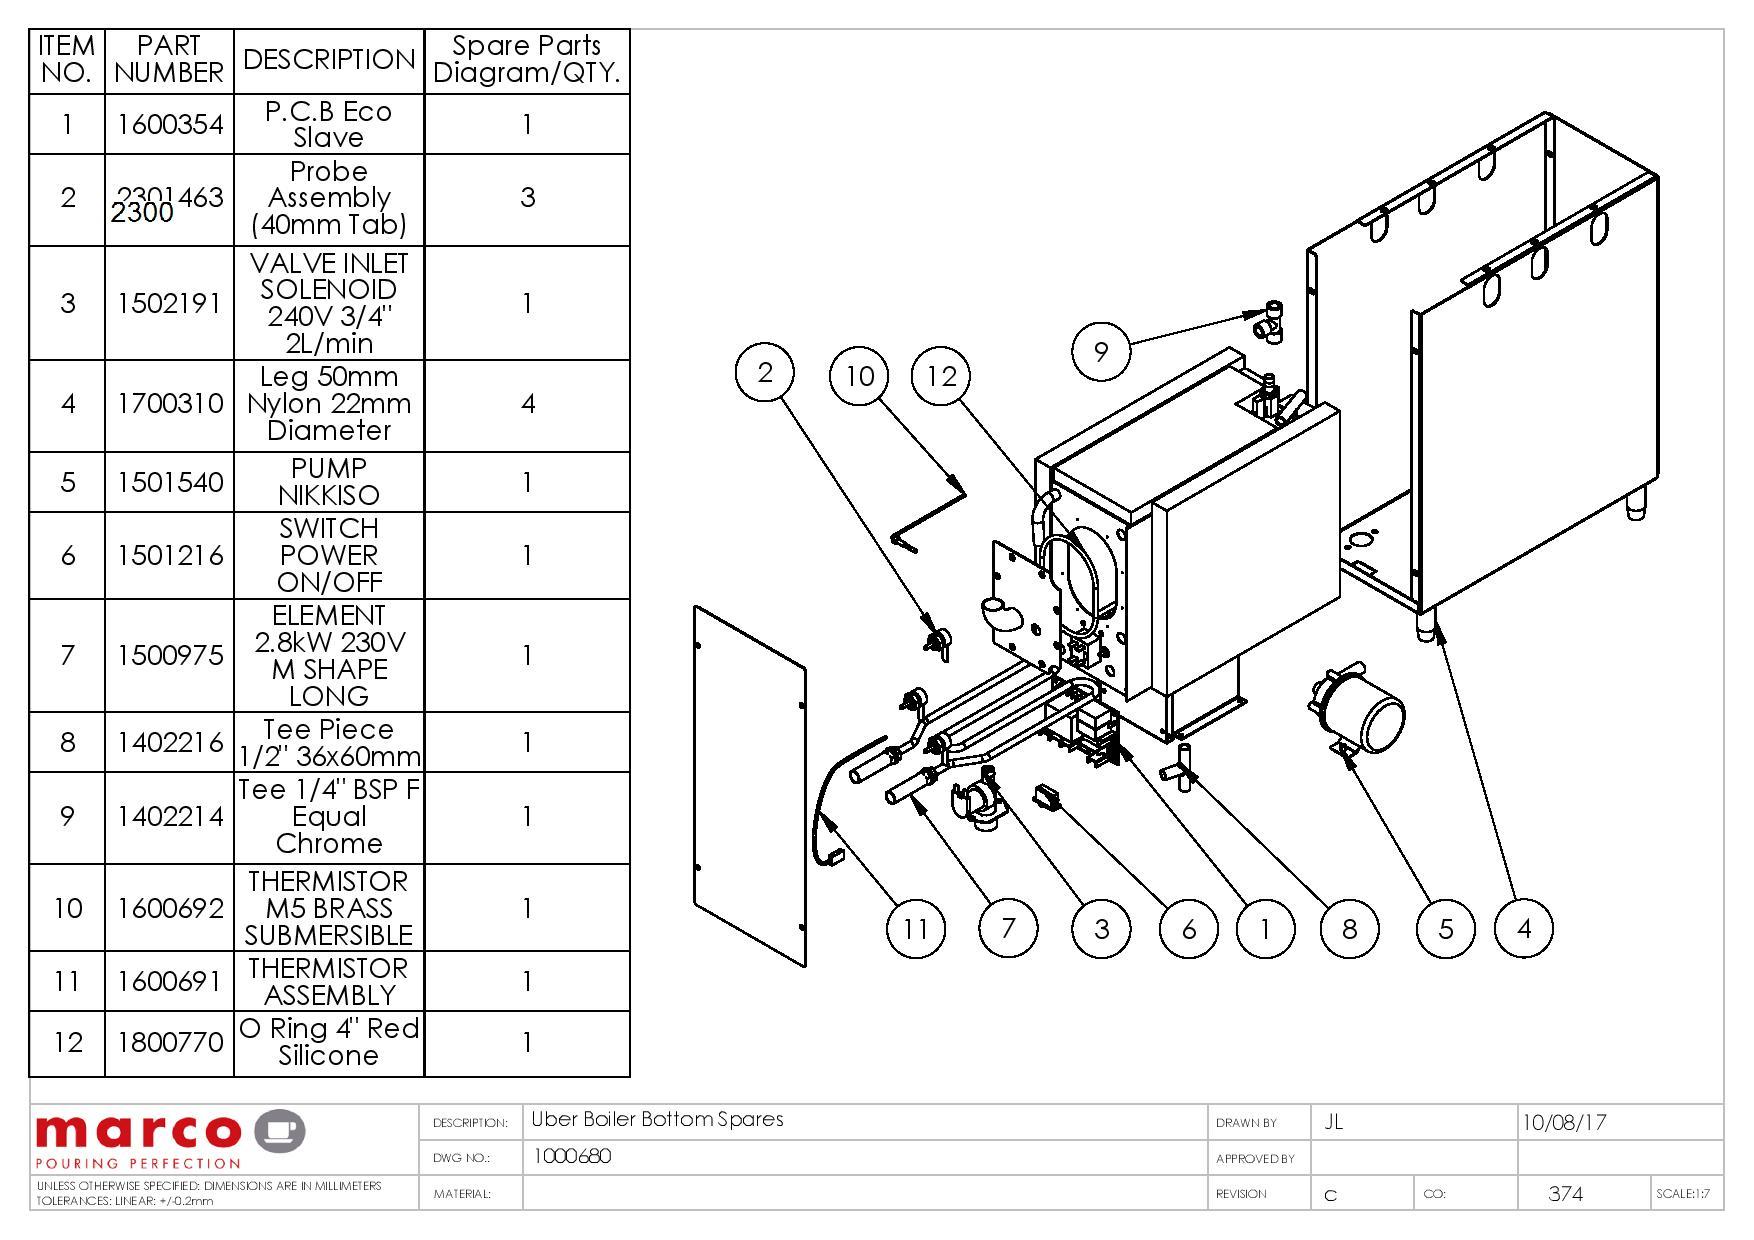 Boiler Spare Parts List